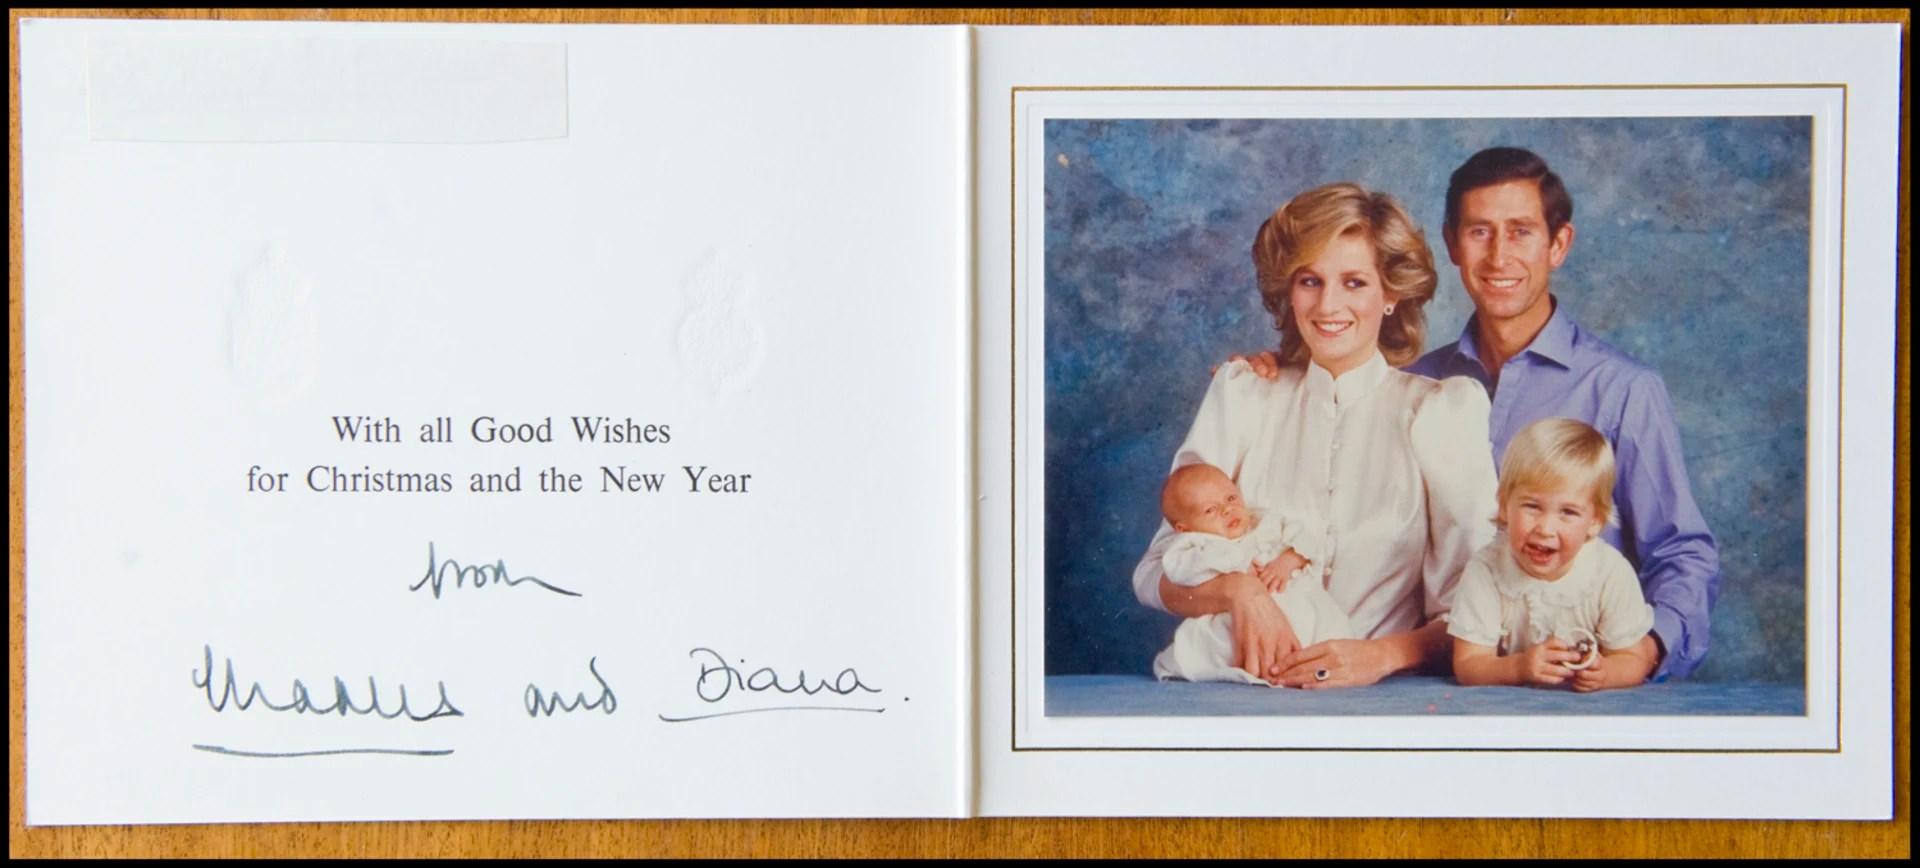 royal family christmas cards 2015 - Royal Family Christmas Card